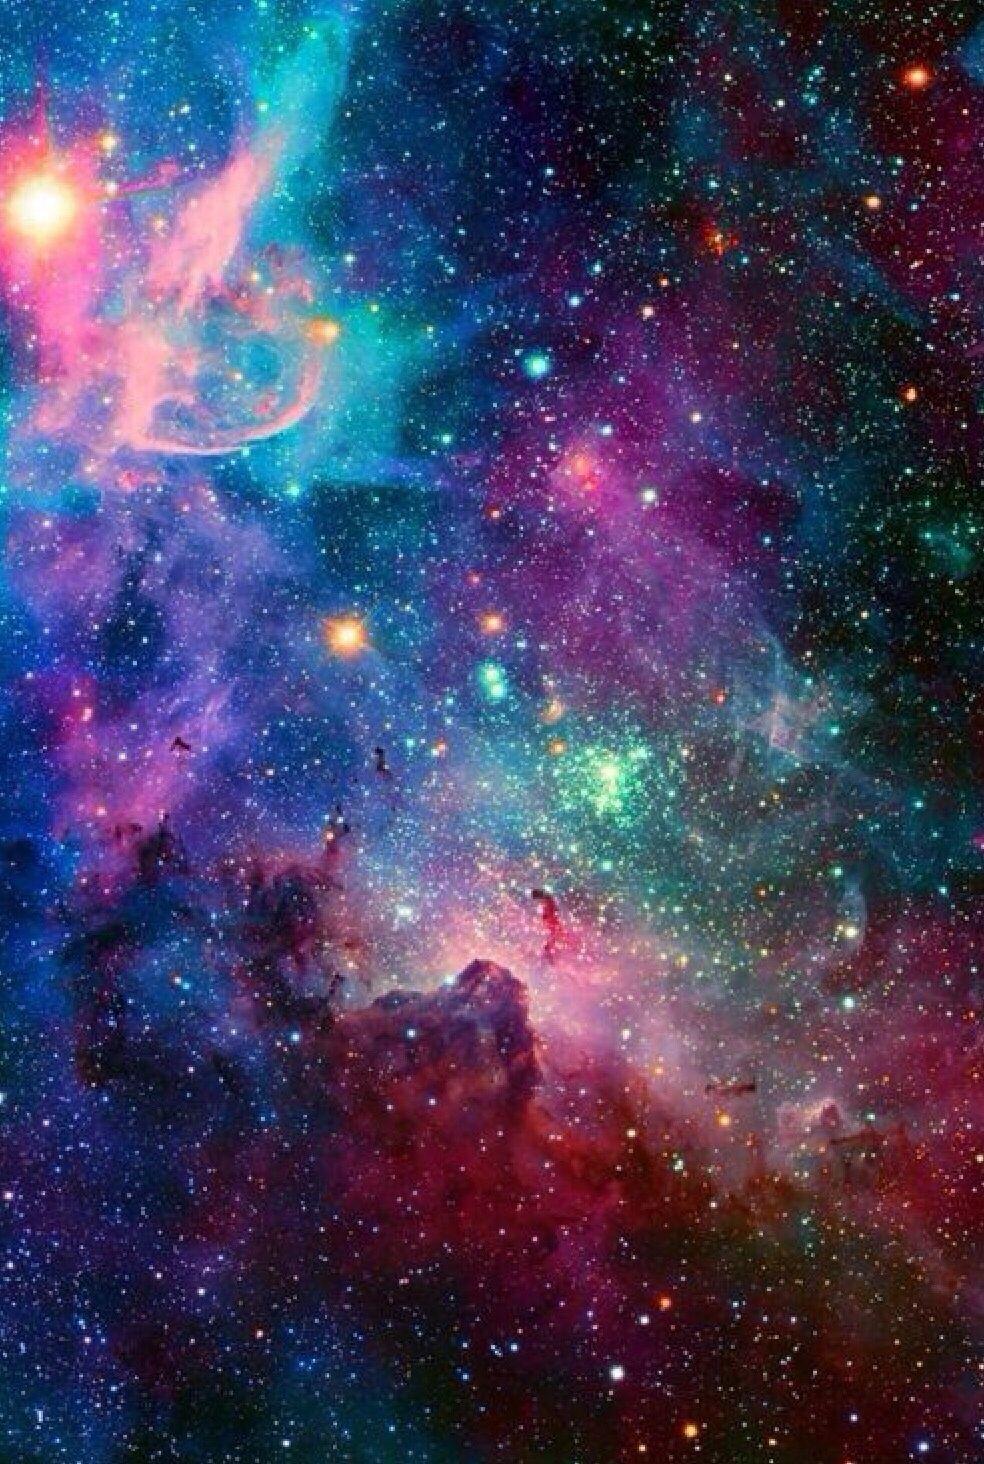 Lock Screen Wallpaper Wallpapers Spazio Cosmico Galassie E Nebulose